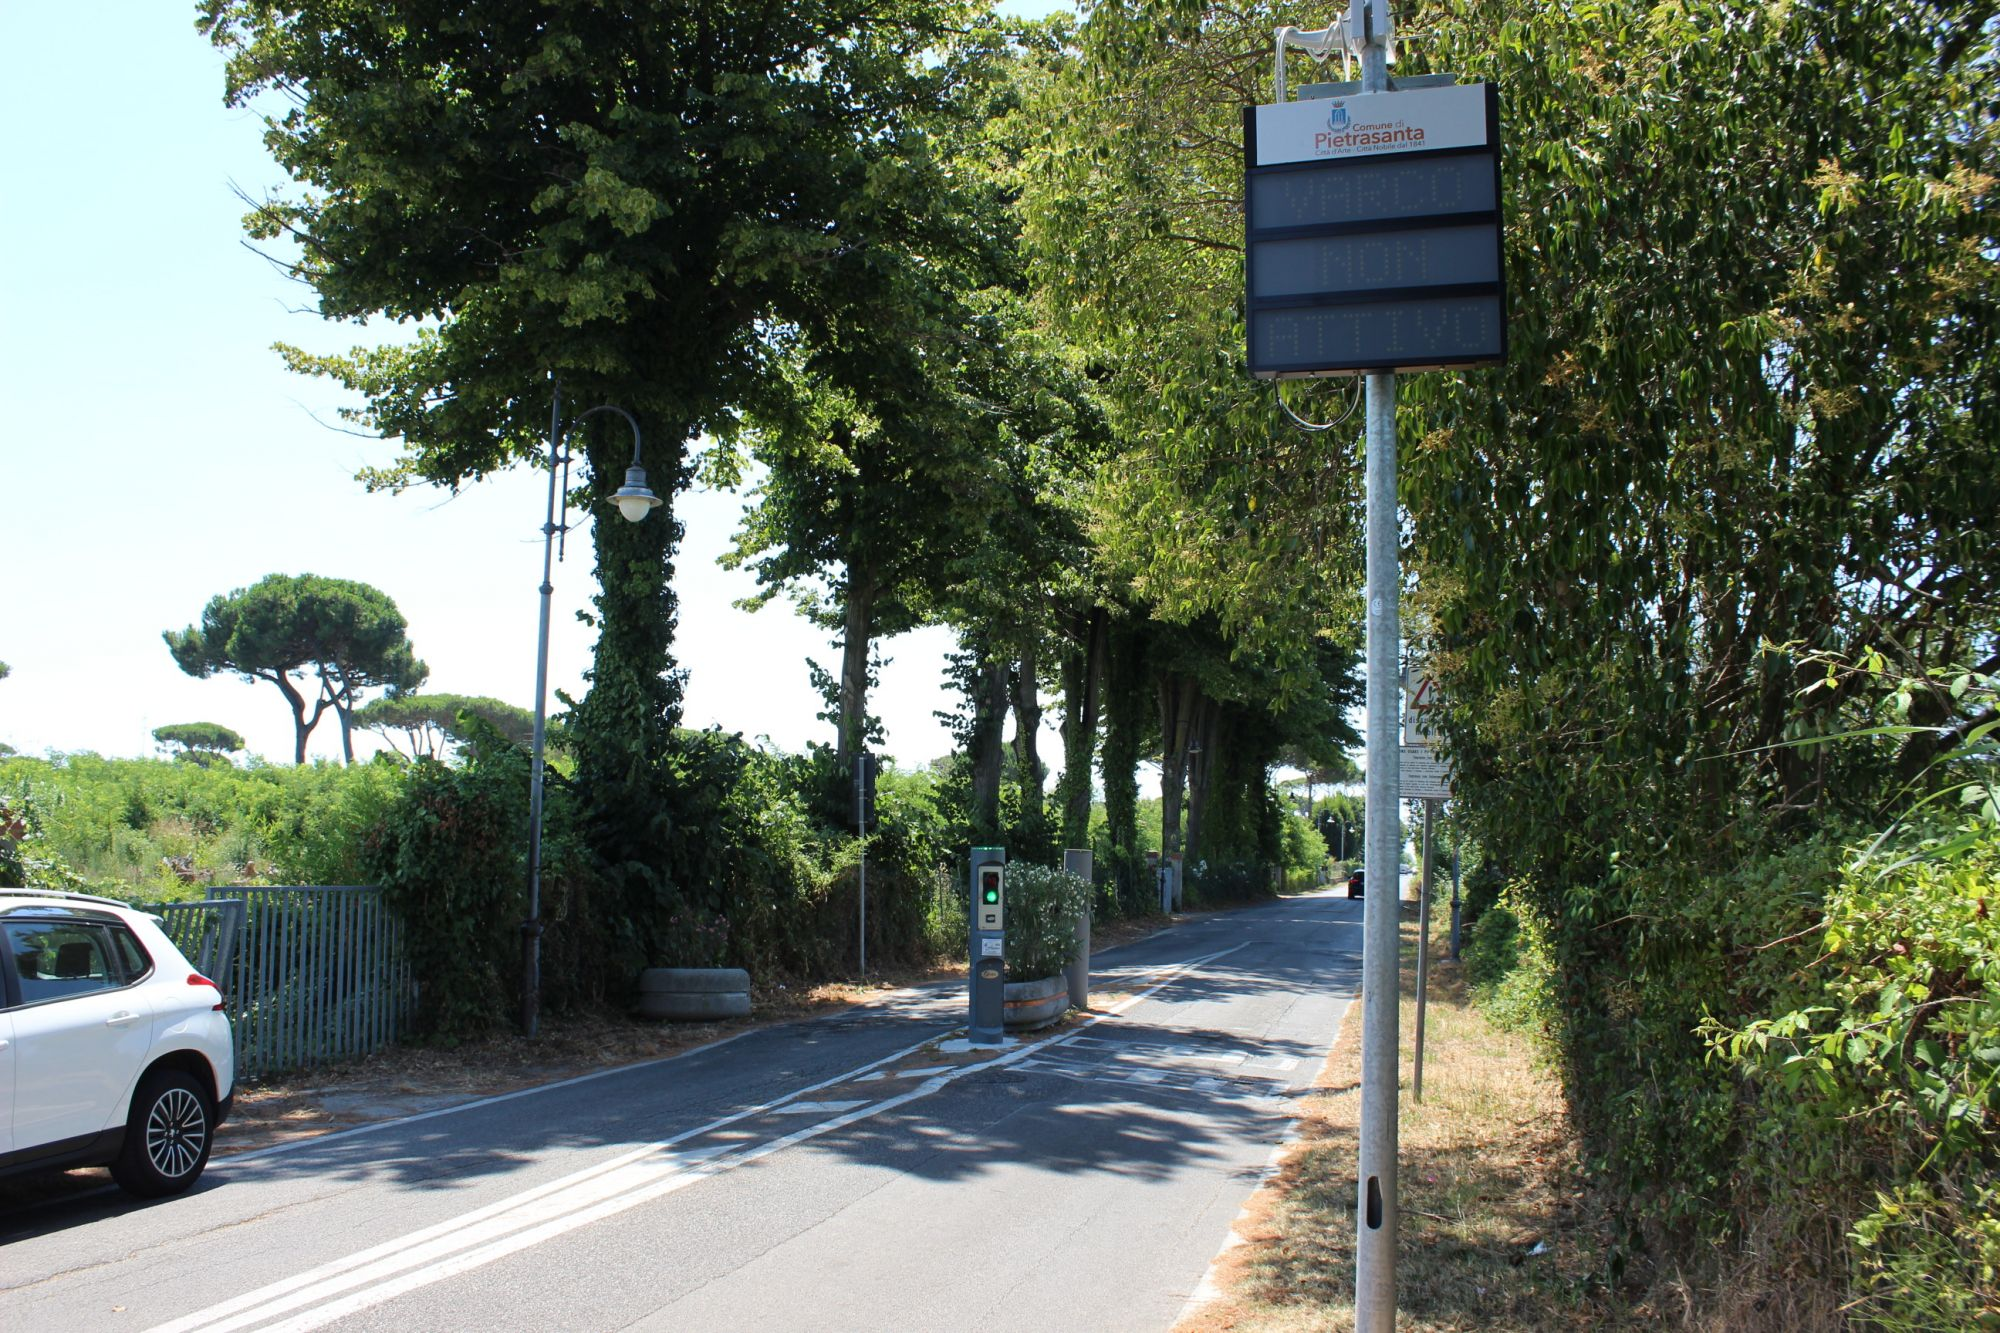 Varchi elettronici anti-camion lungo il viale Apua e Strettoia